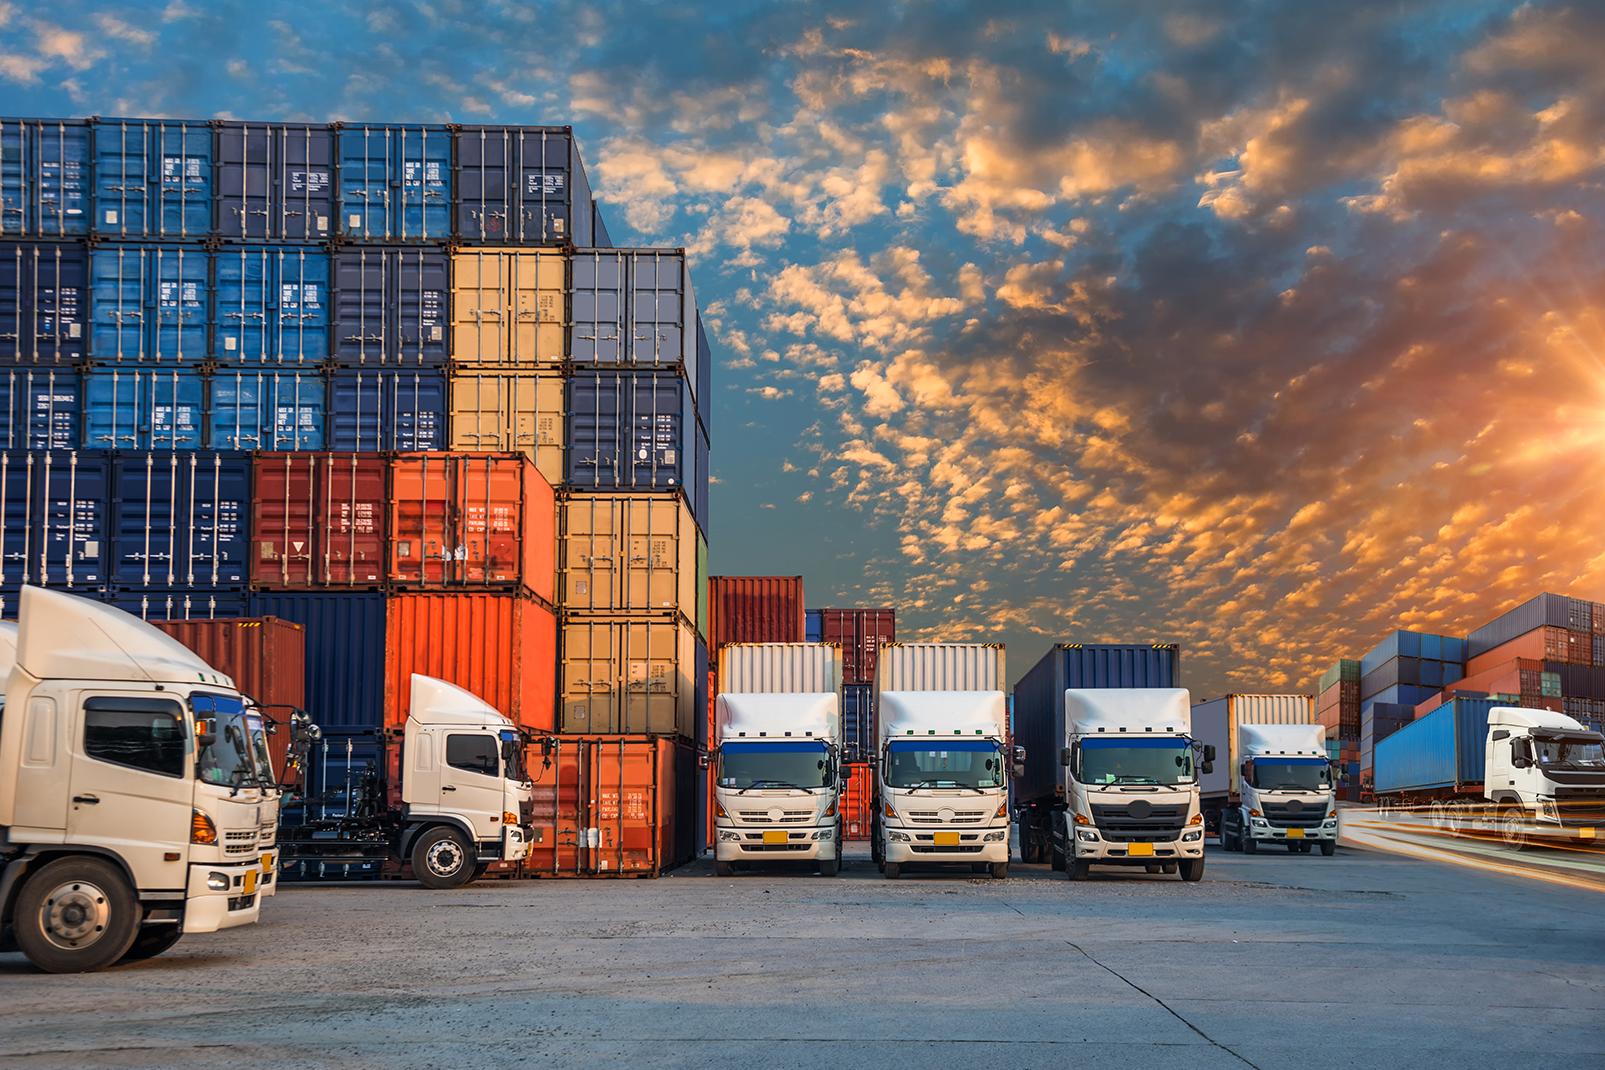 Italmondo ottimizza il carico dei camion